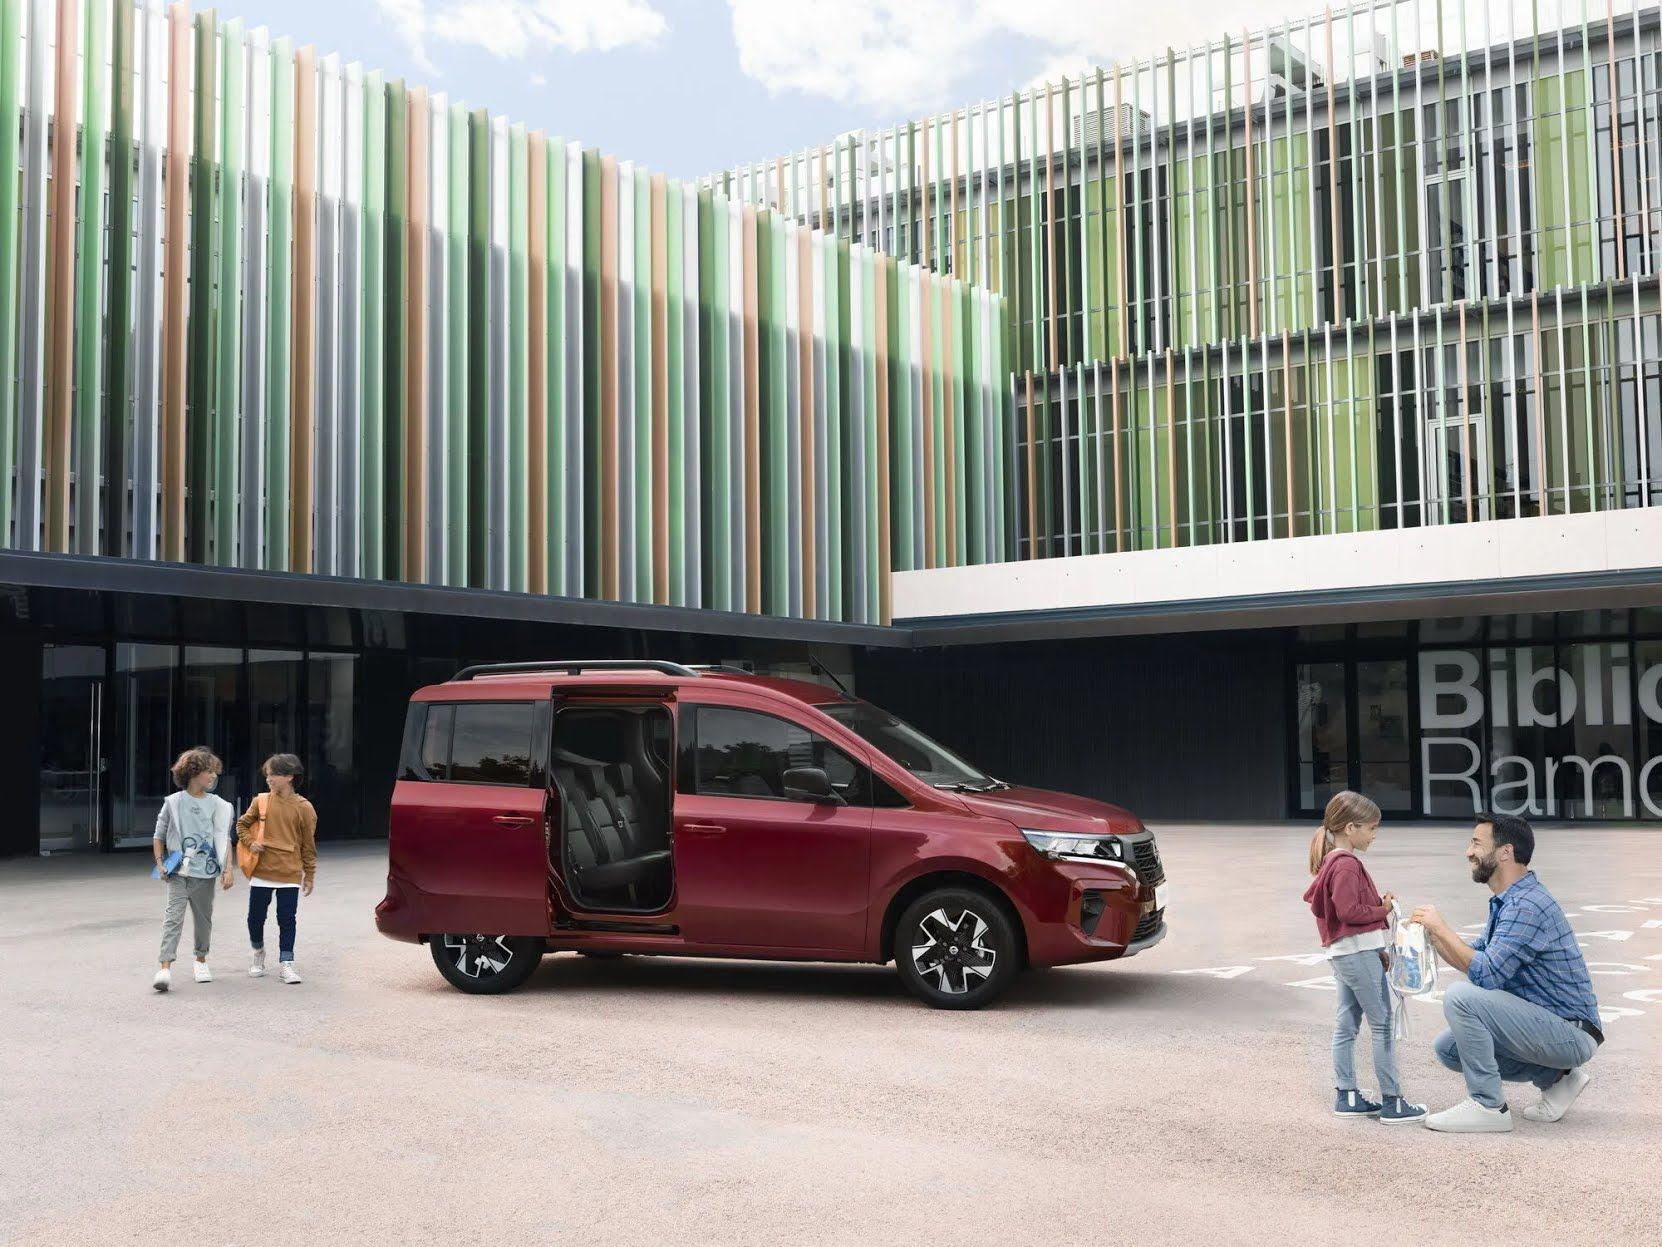 В пассажирском исполнении автомобиль имеет просторный 5-местный салон с трехместным диваном на втором ряду